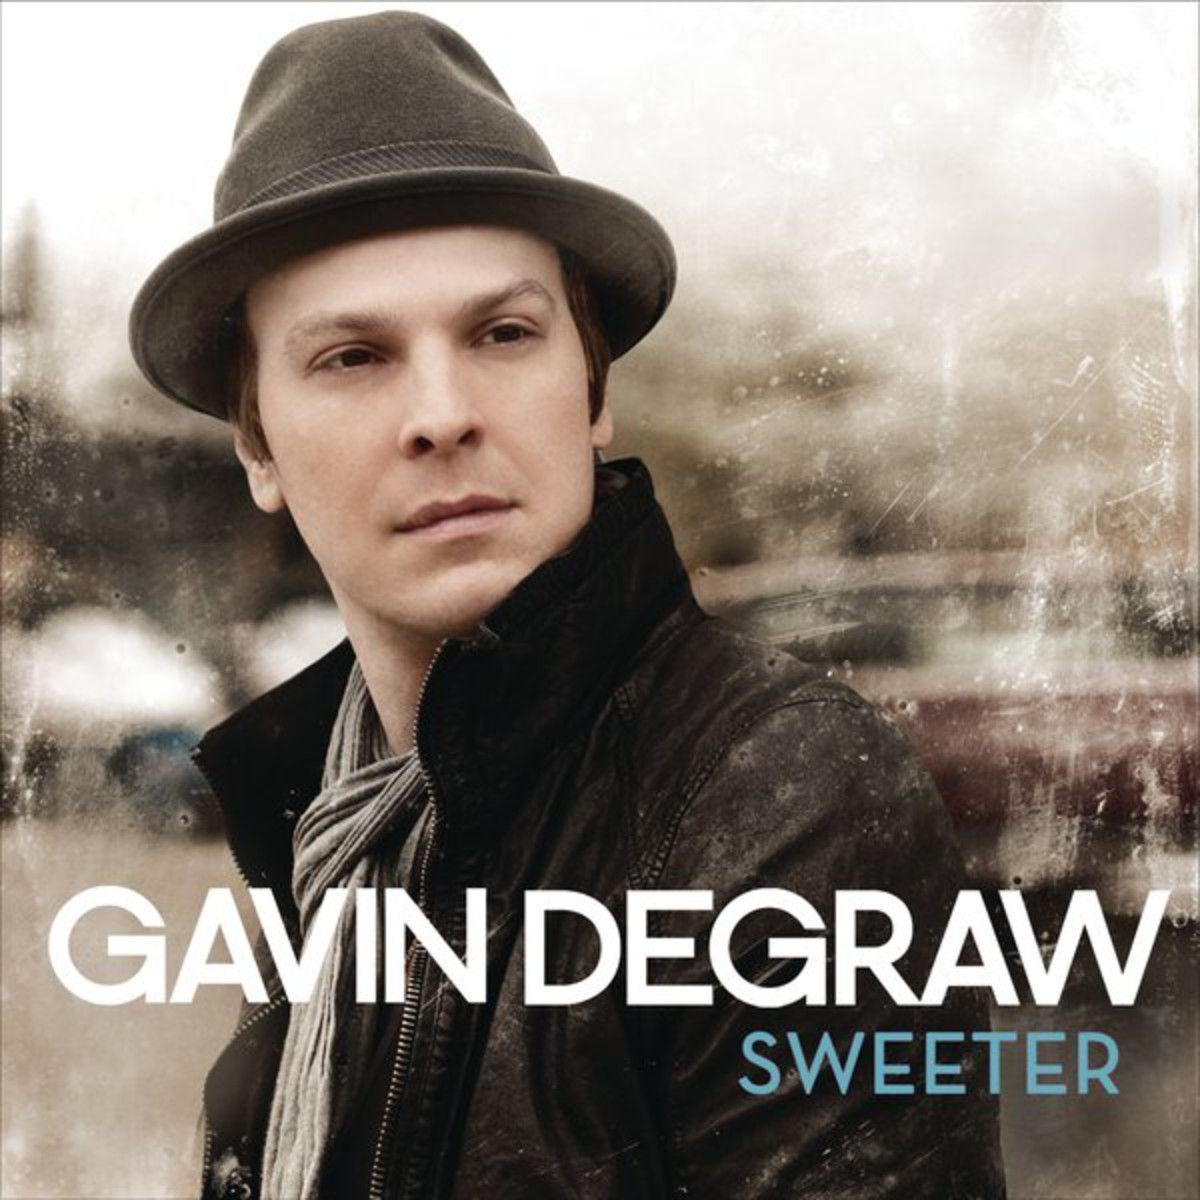 Gavin Degraw - Sweeter album cover